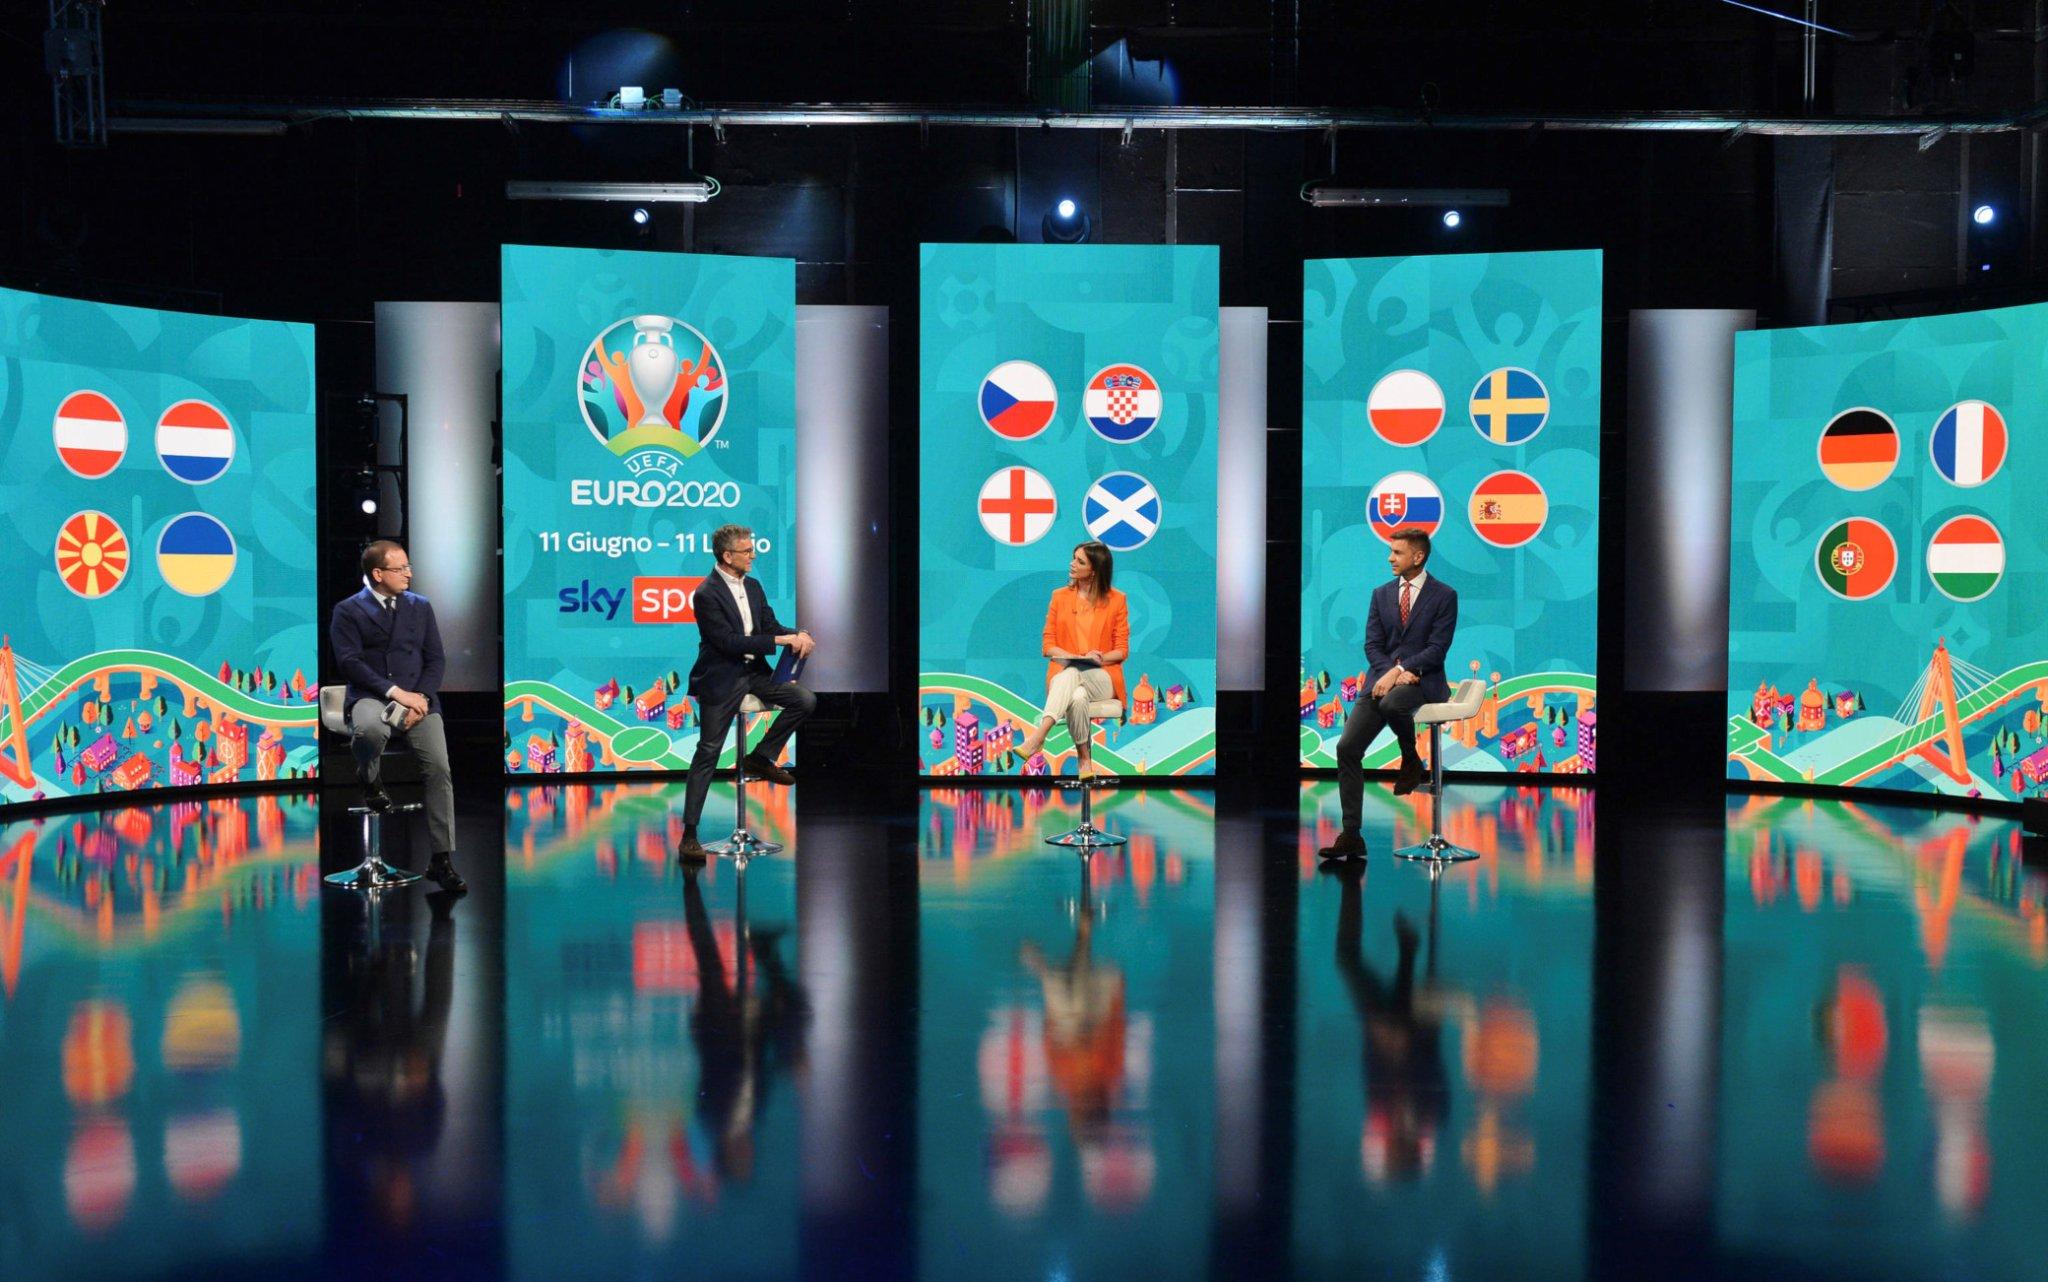 Euro 2020, la festa del calcio europeo è su Sky: la programmazione